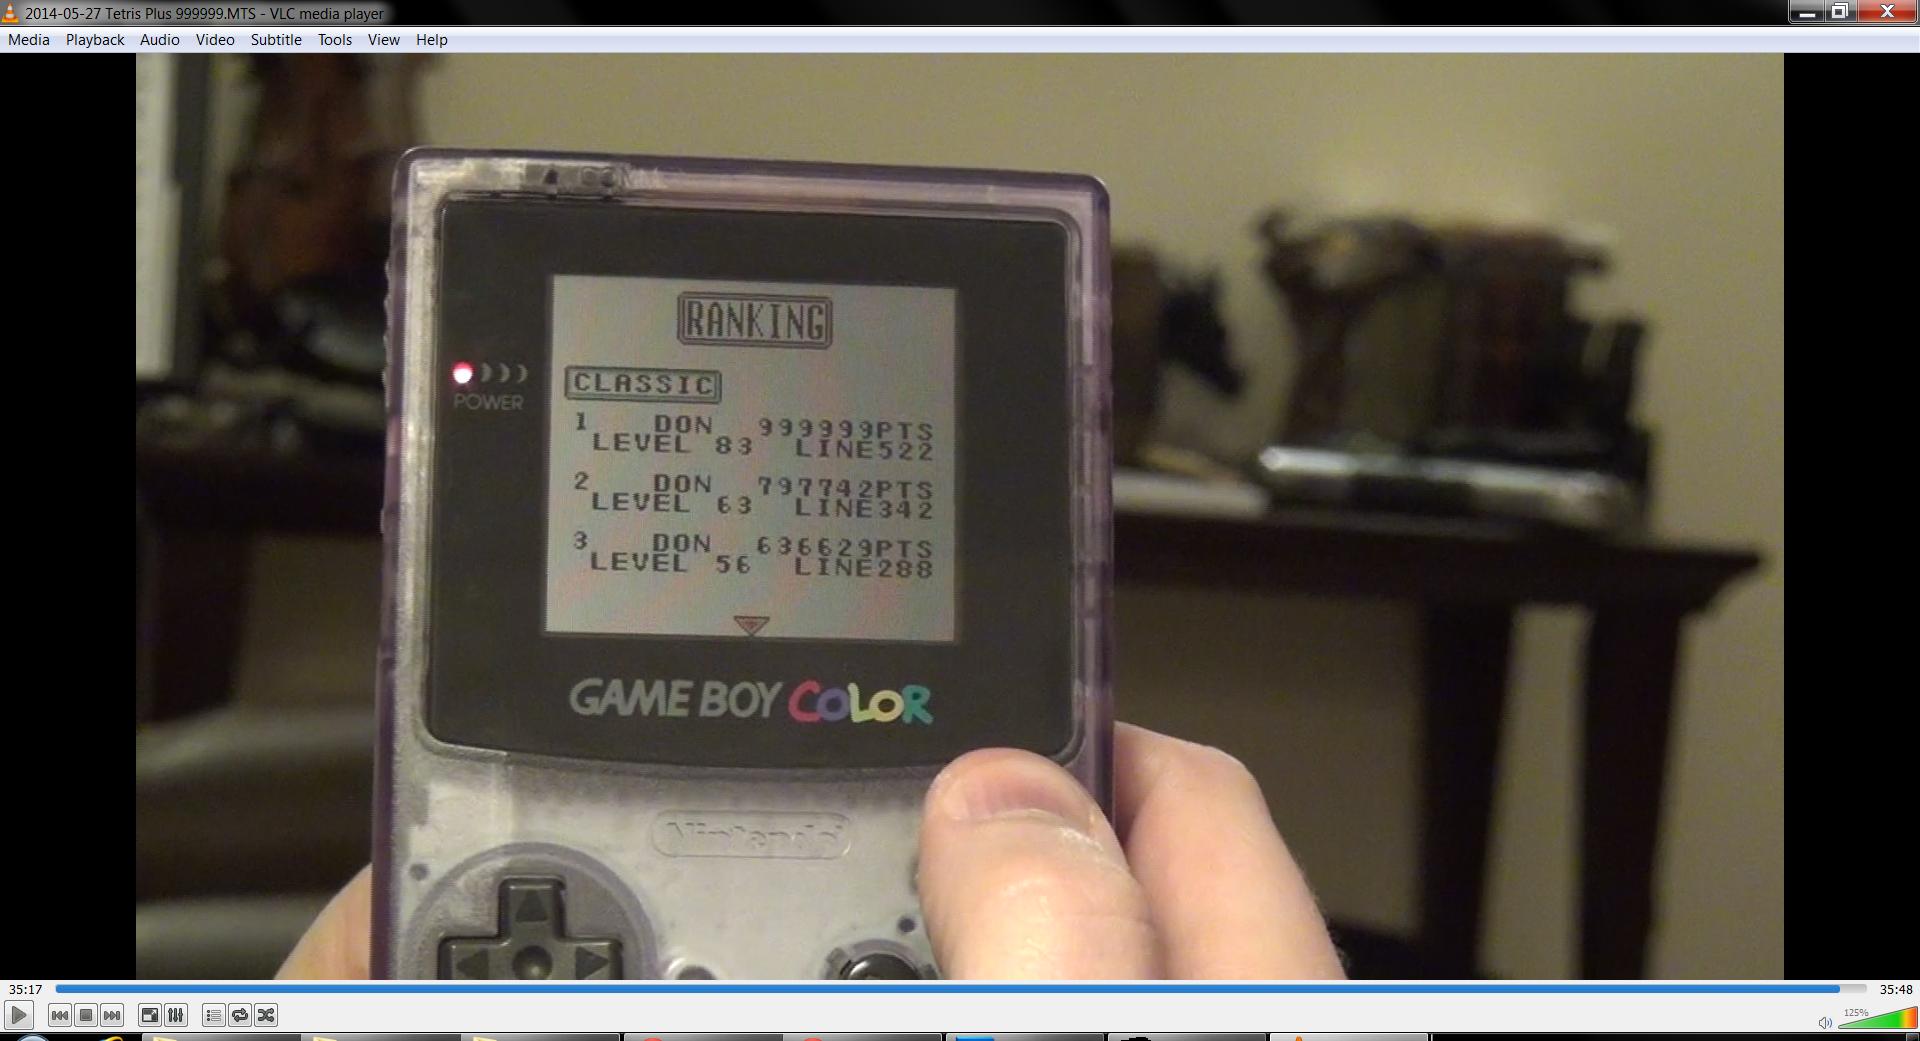 Tetris Plus - Classic 999,999 points